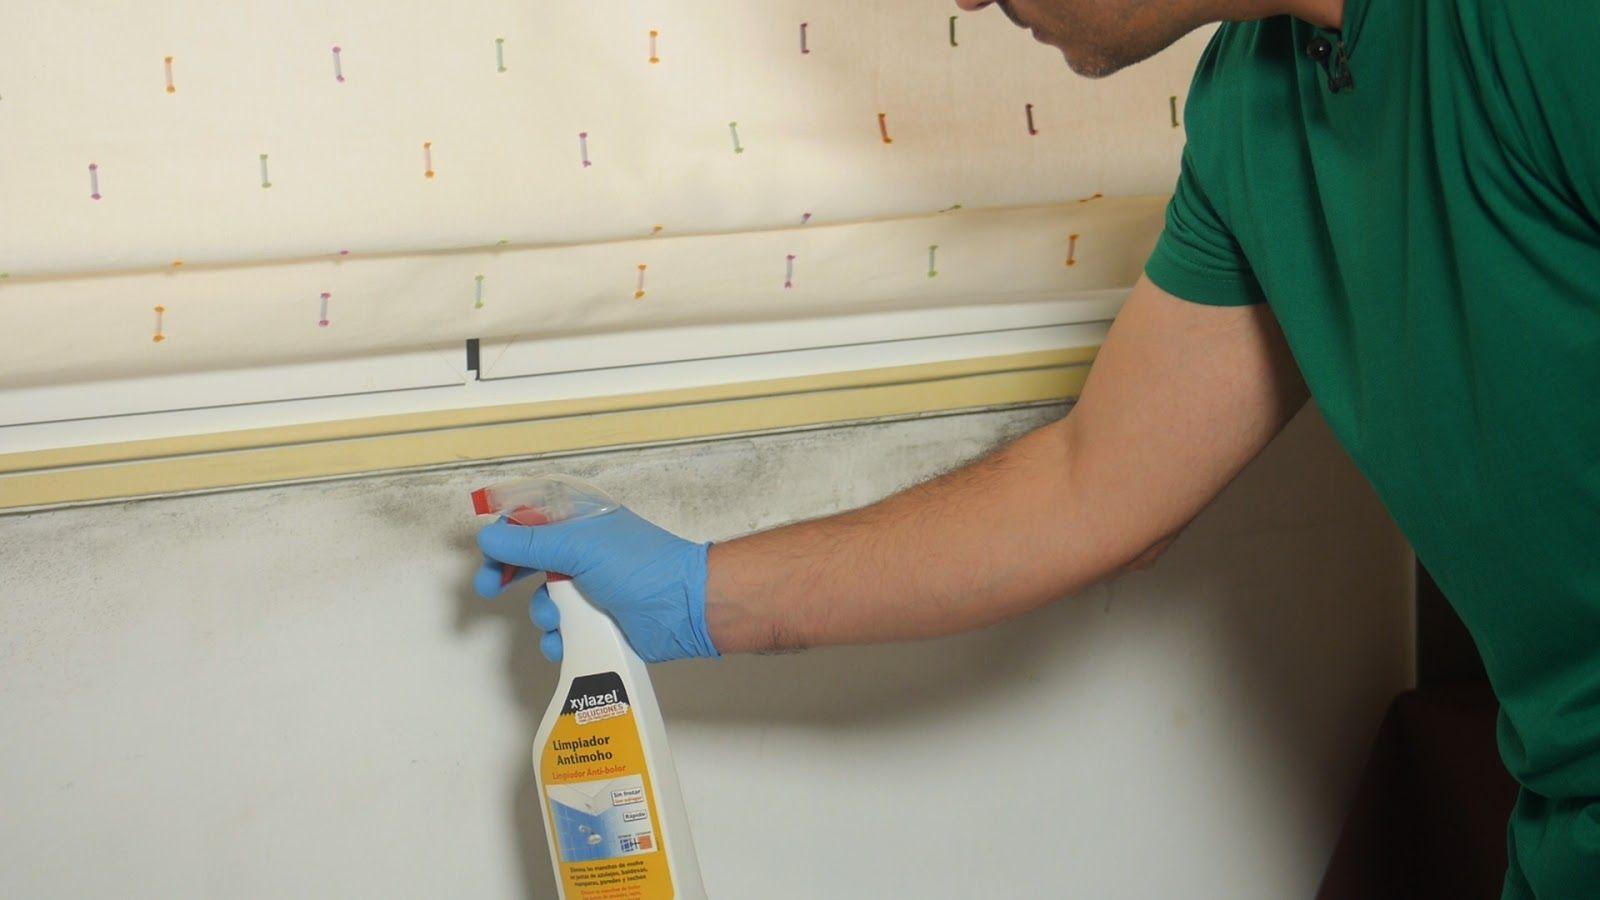 Aplicar limpiador antimoho en las manchas